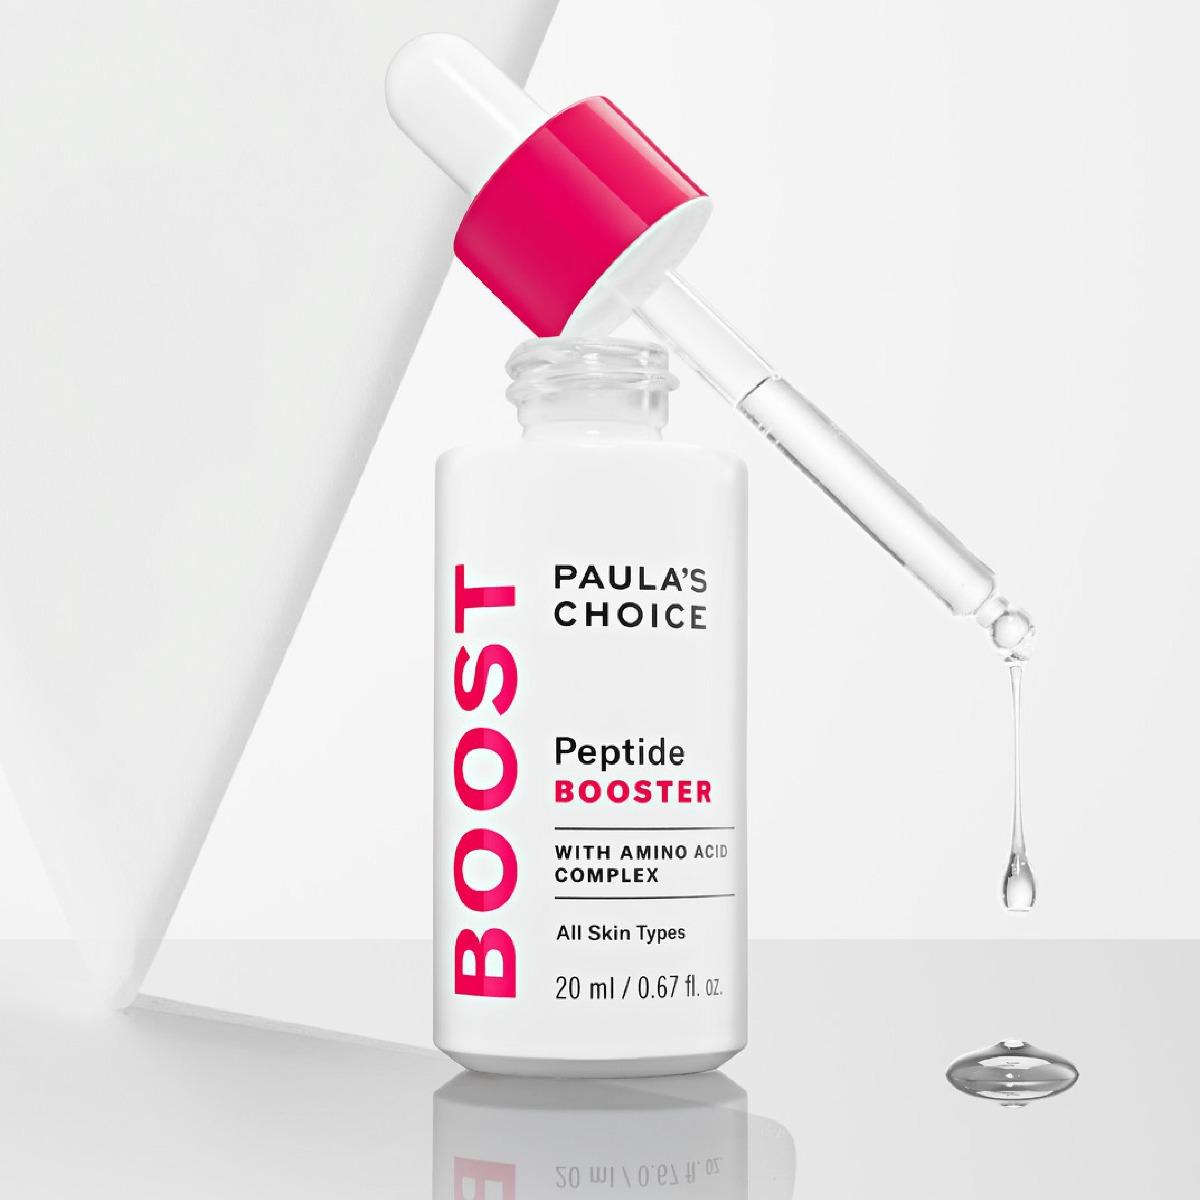 Tinh Chất Phục Hồi Làm Khỏe Và Săn Chắc Da Paula's Choice Peptide Booster